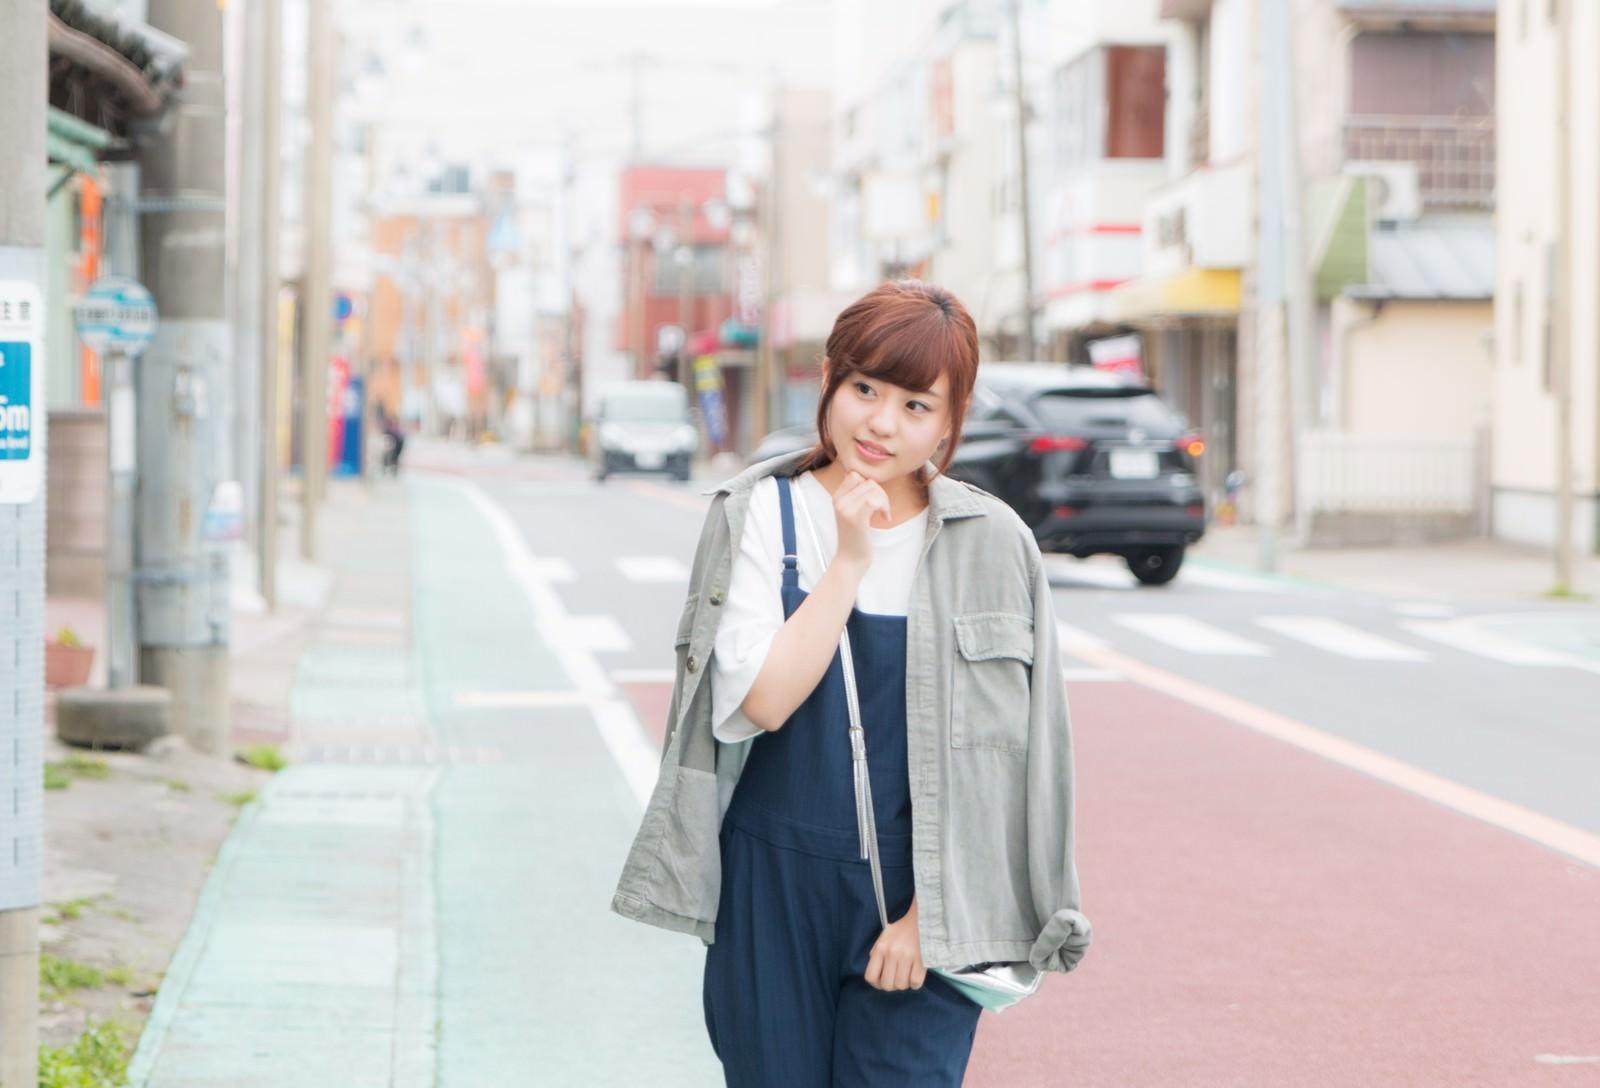 「商店街を歩きながら気になるお店を覗き込む女性観光客」の写真[モデル:河村友歌]